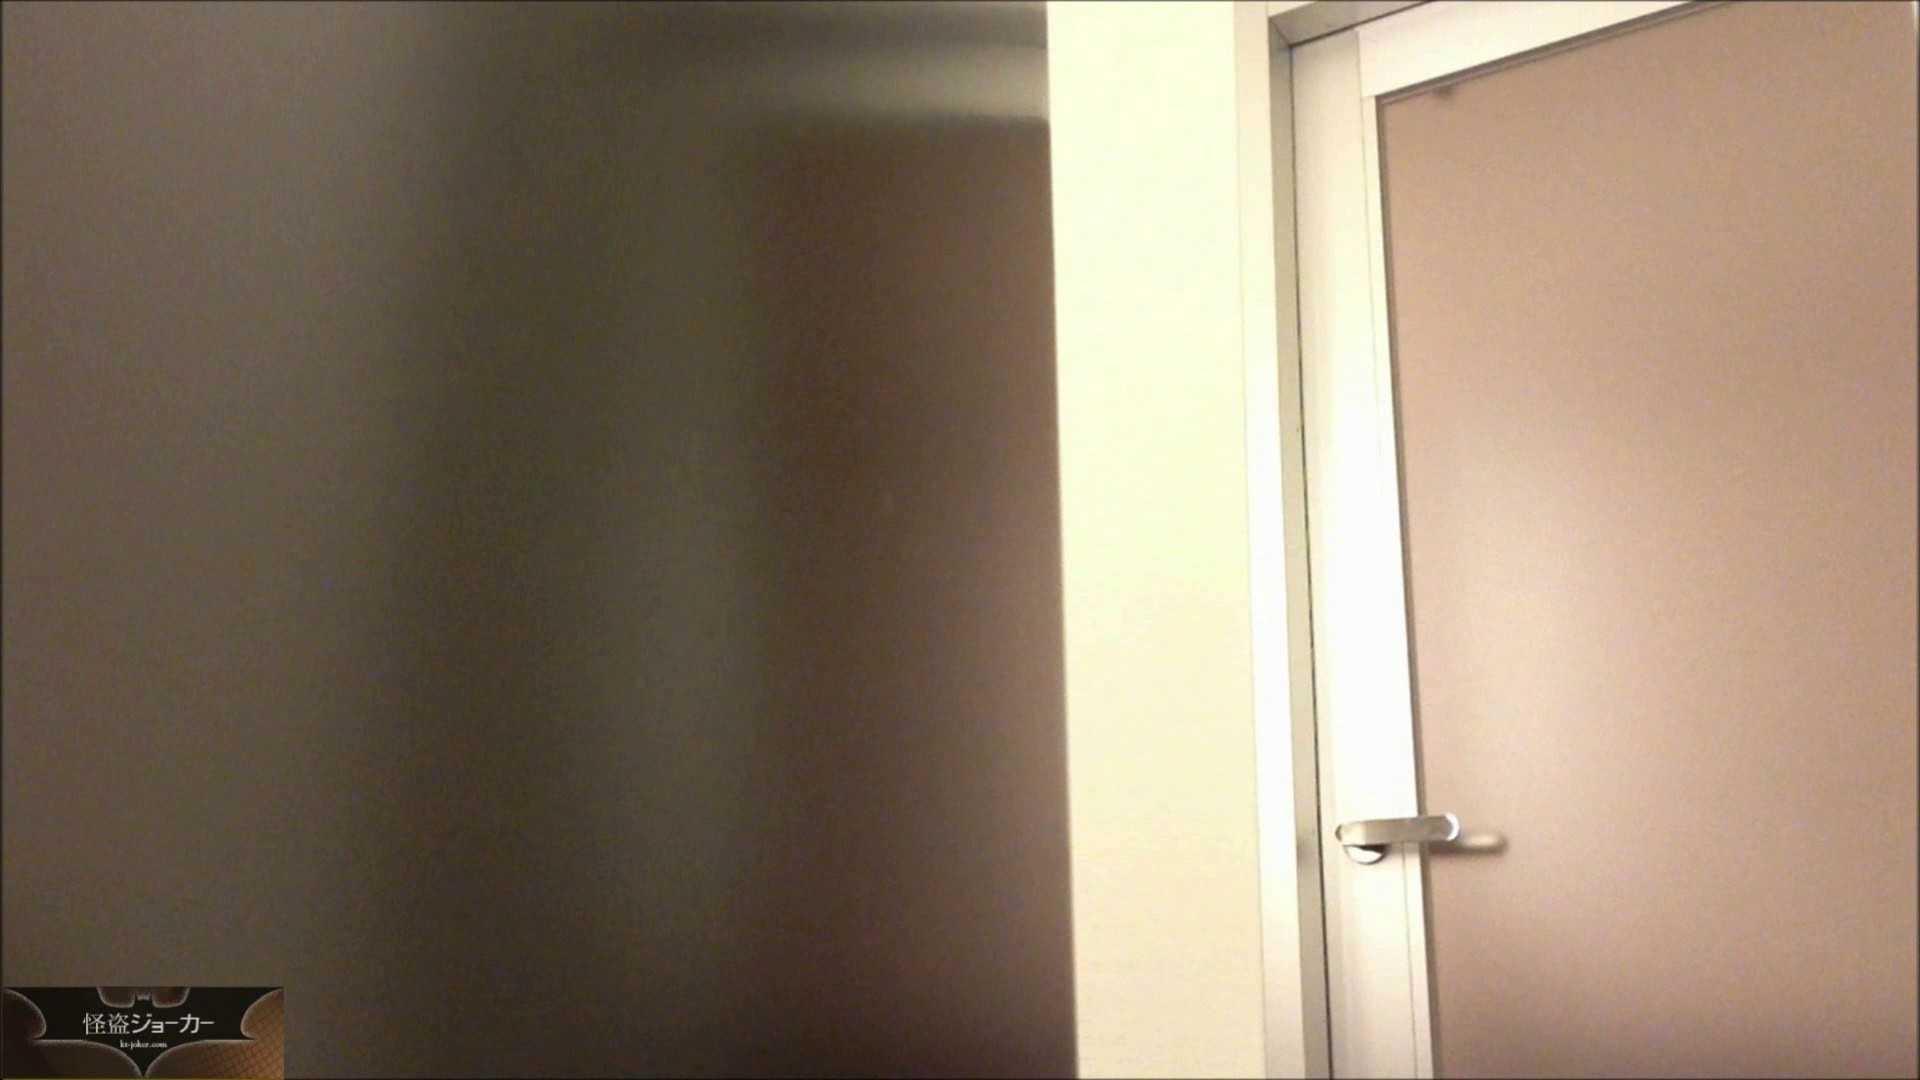 【未公開】vol.73 極嬢ルックスの持ち主・kotoneちゃん弄り倒し! いじくり われめAV動画紹介 77枚 5